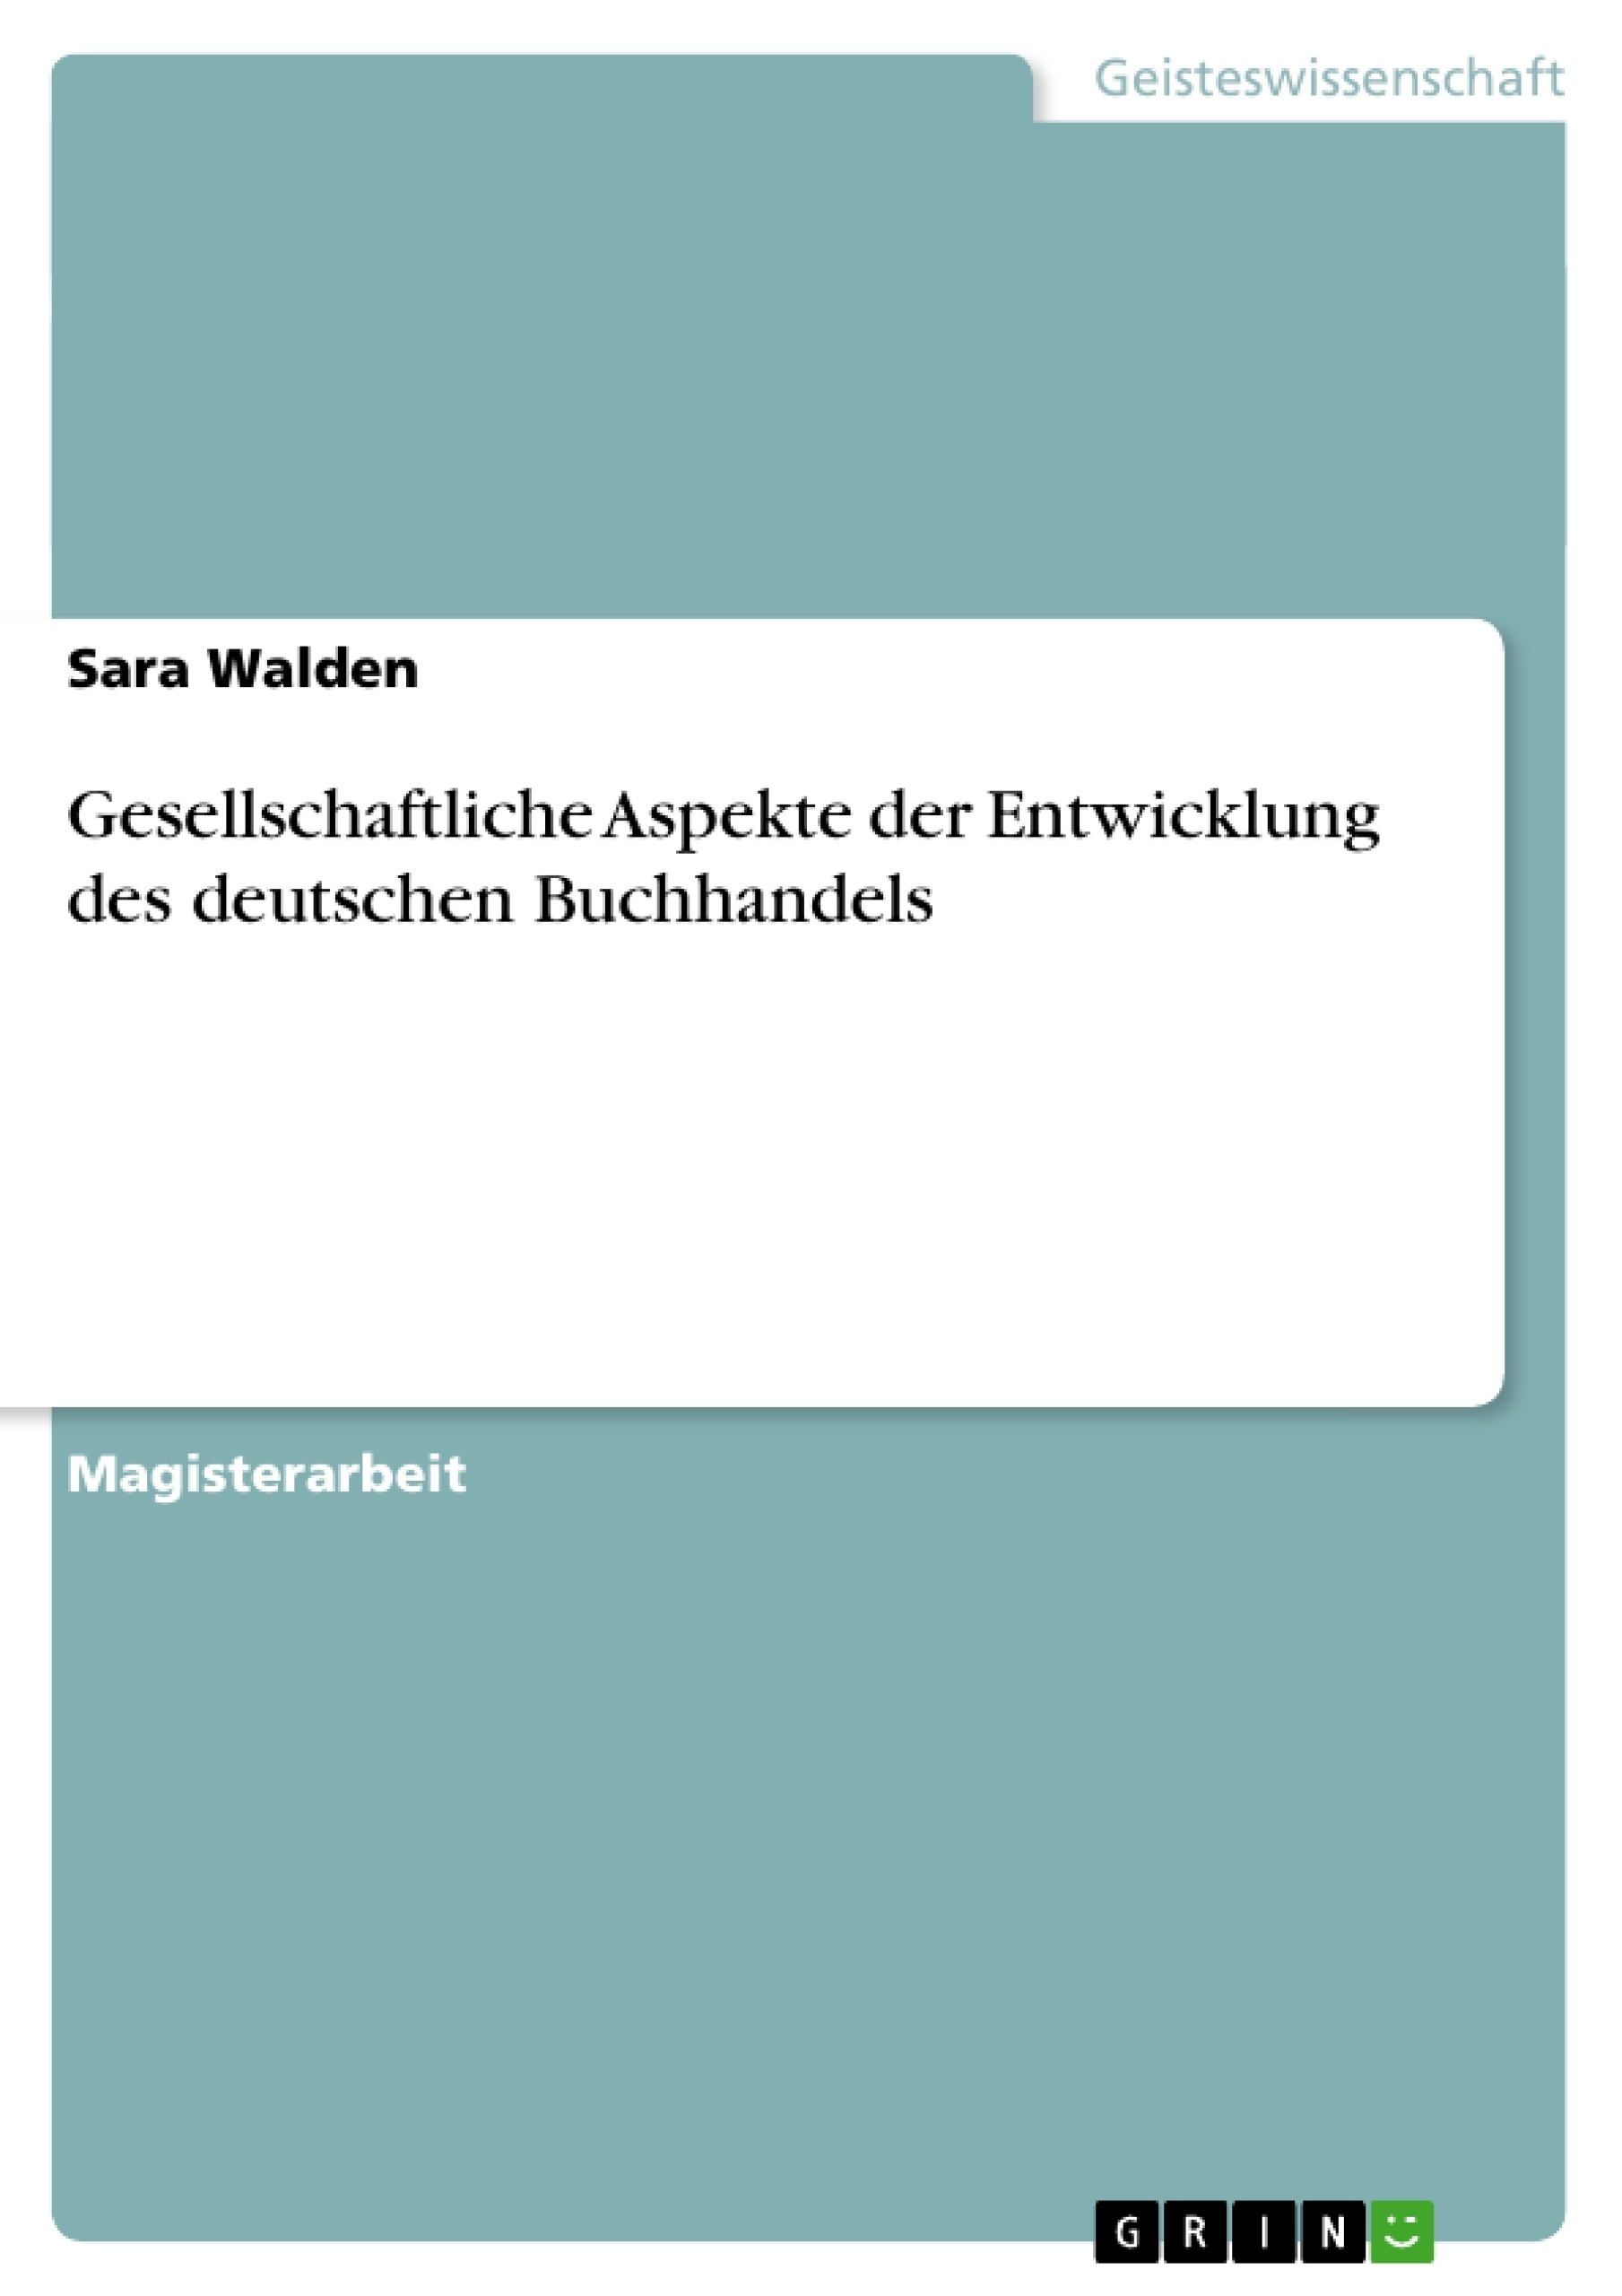 Titel: Gesellschaftliche Aspekte der Entwicklung des deutschen Buchhandels